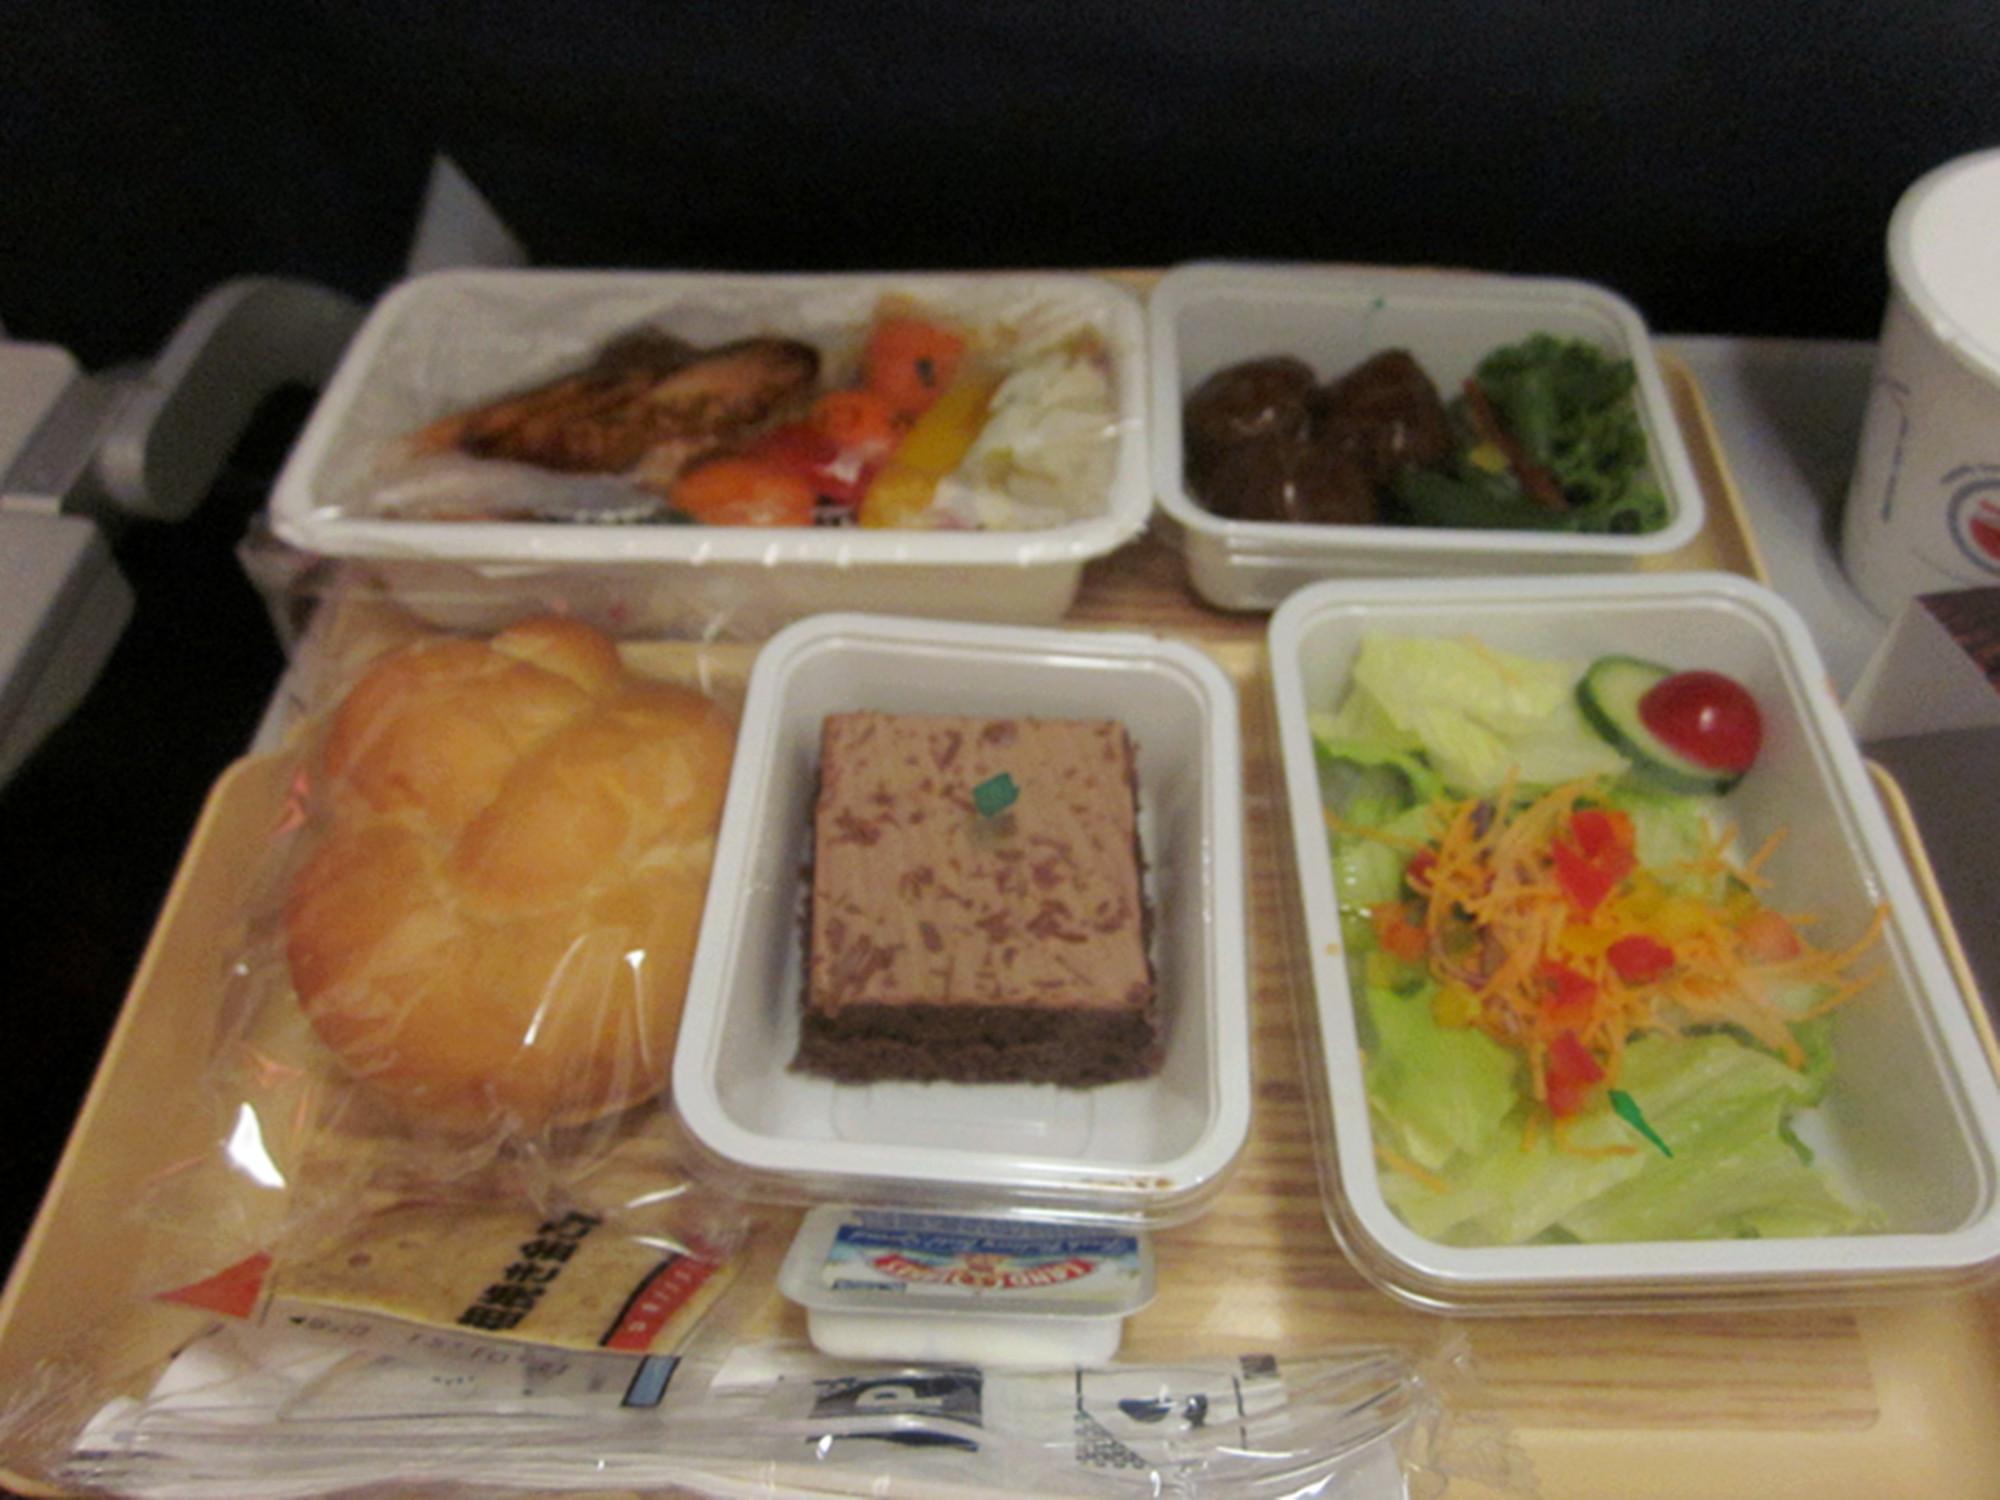 美国飞机上的午餐很丰盛